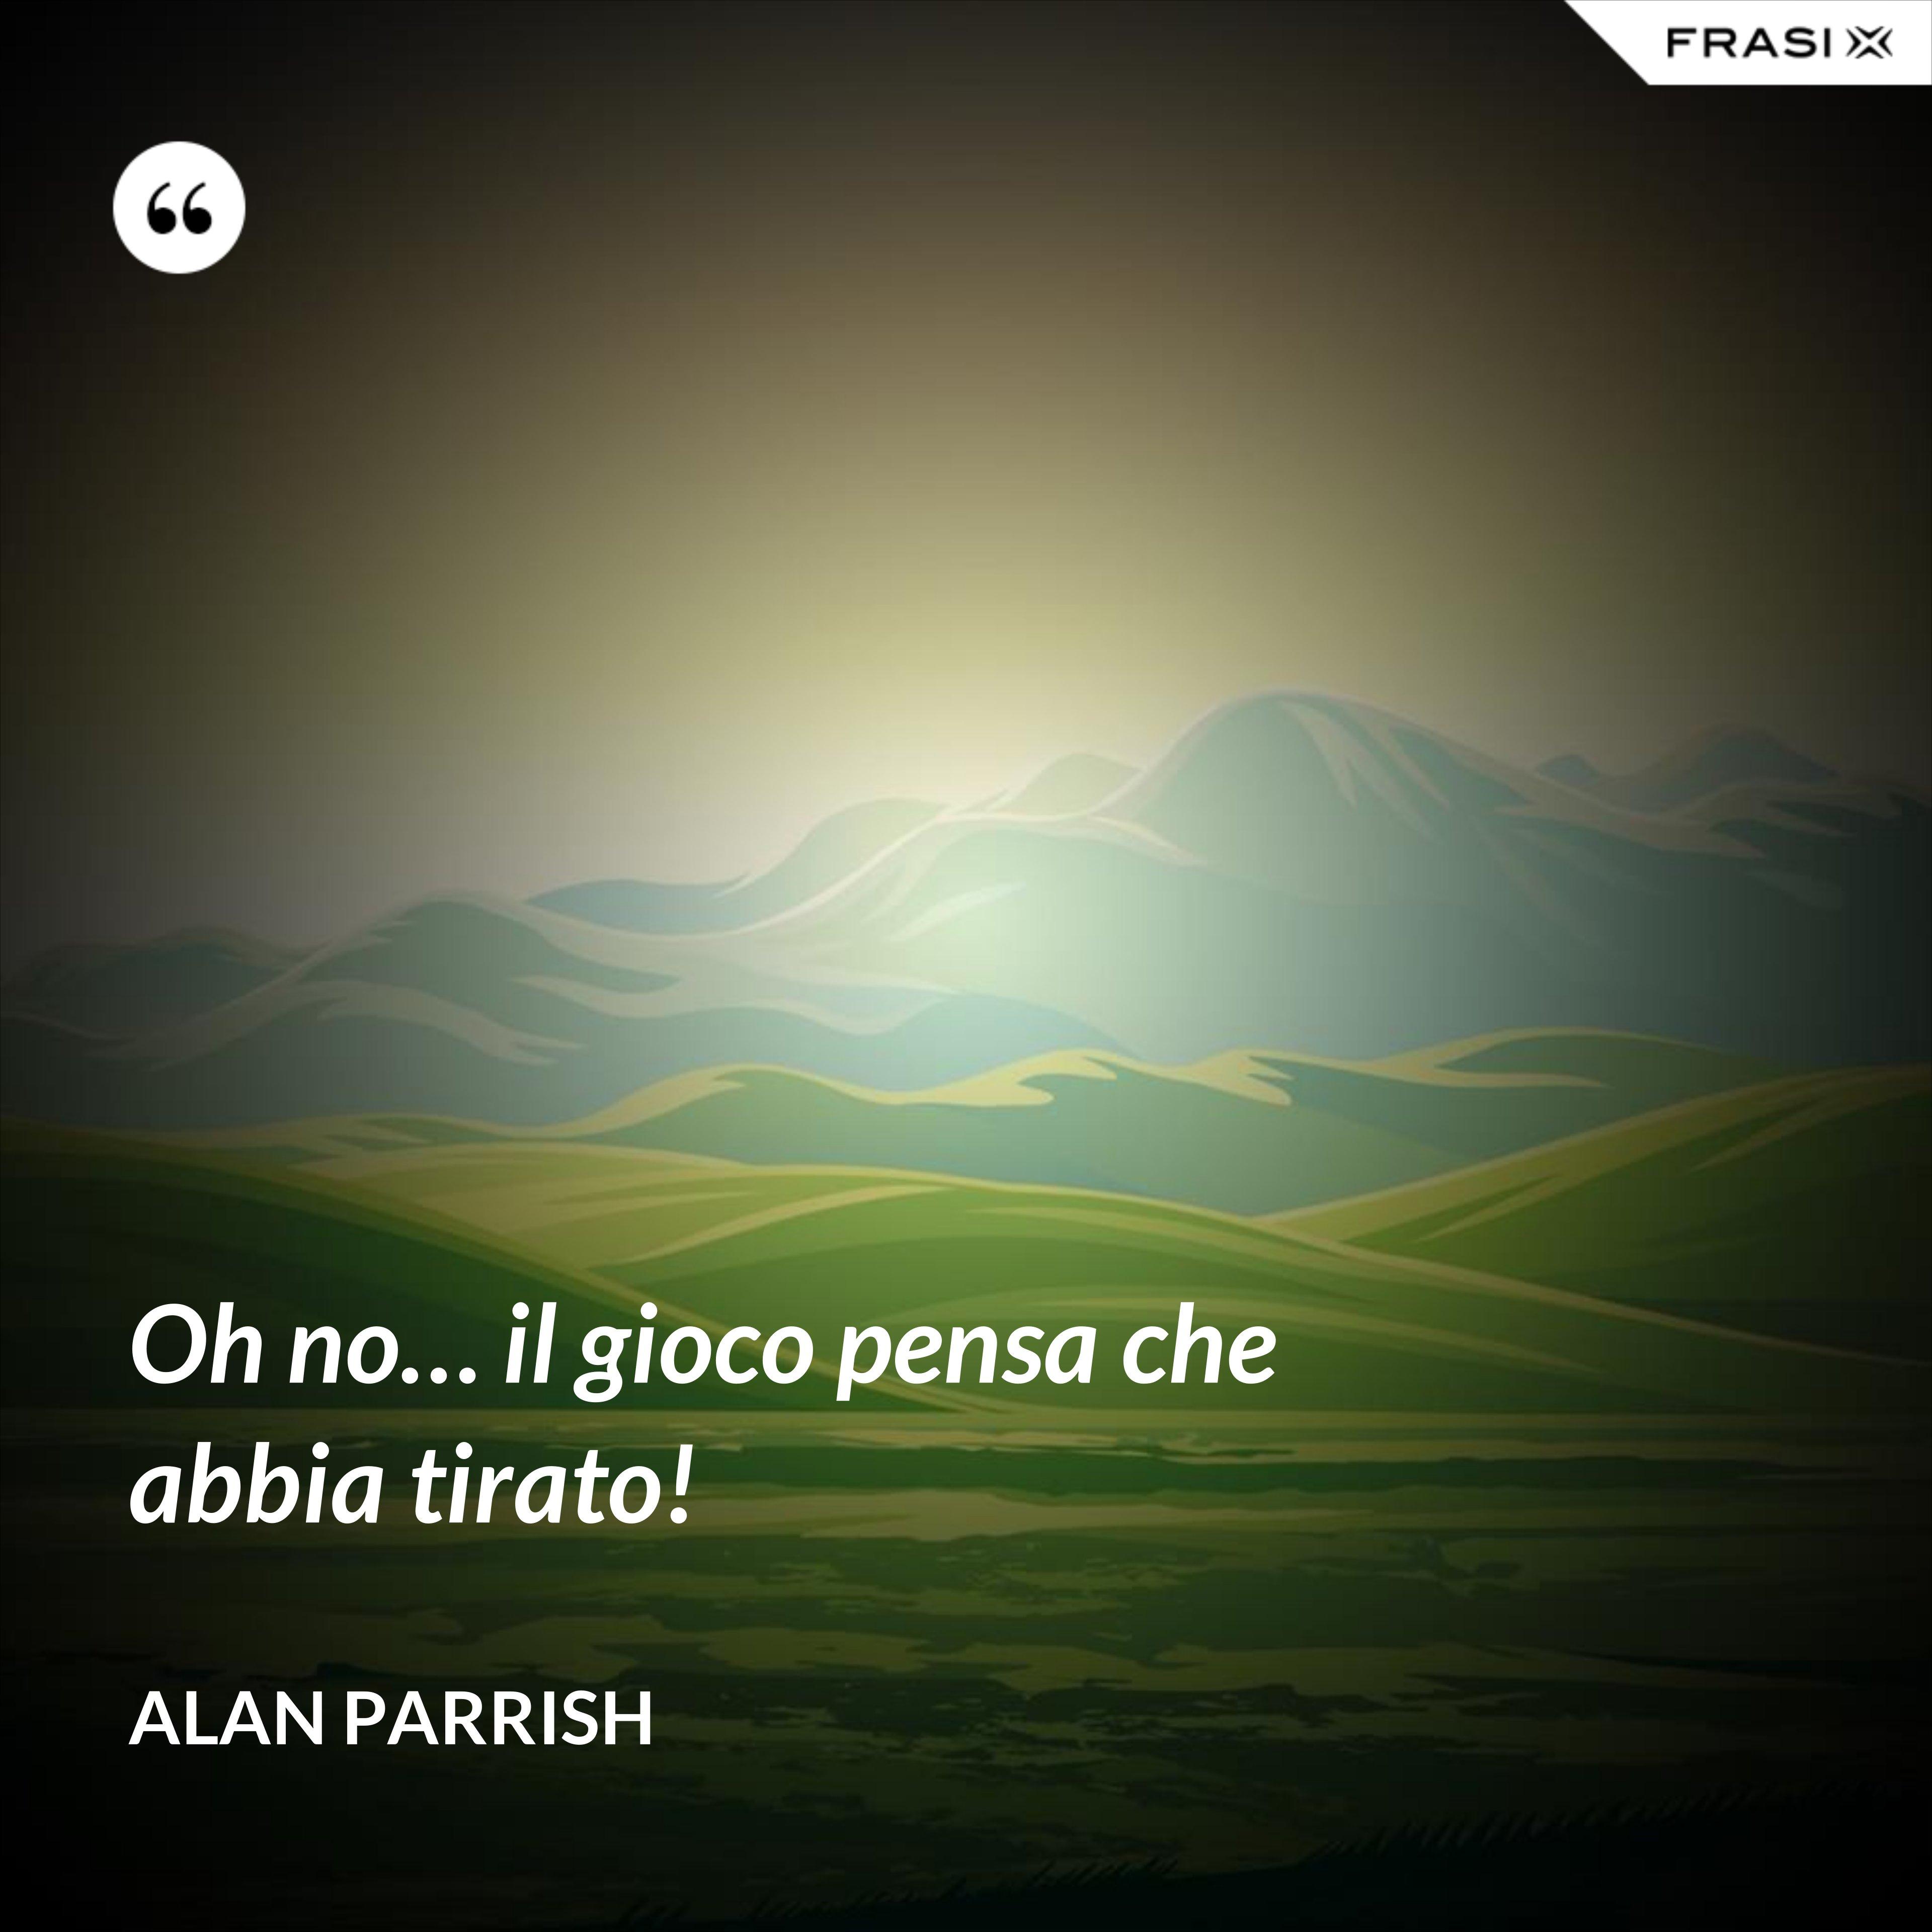 Oh no… il gioco pensa che abbia tirato! - Alan Parrish